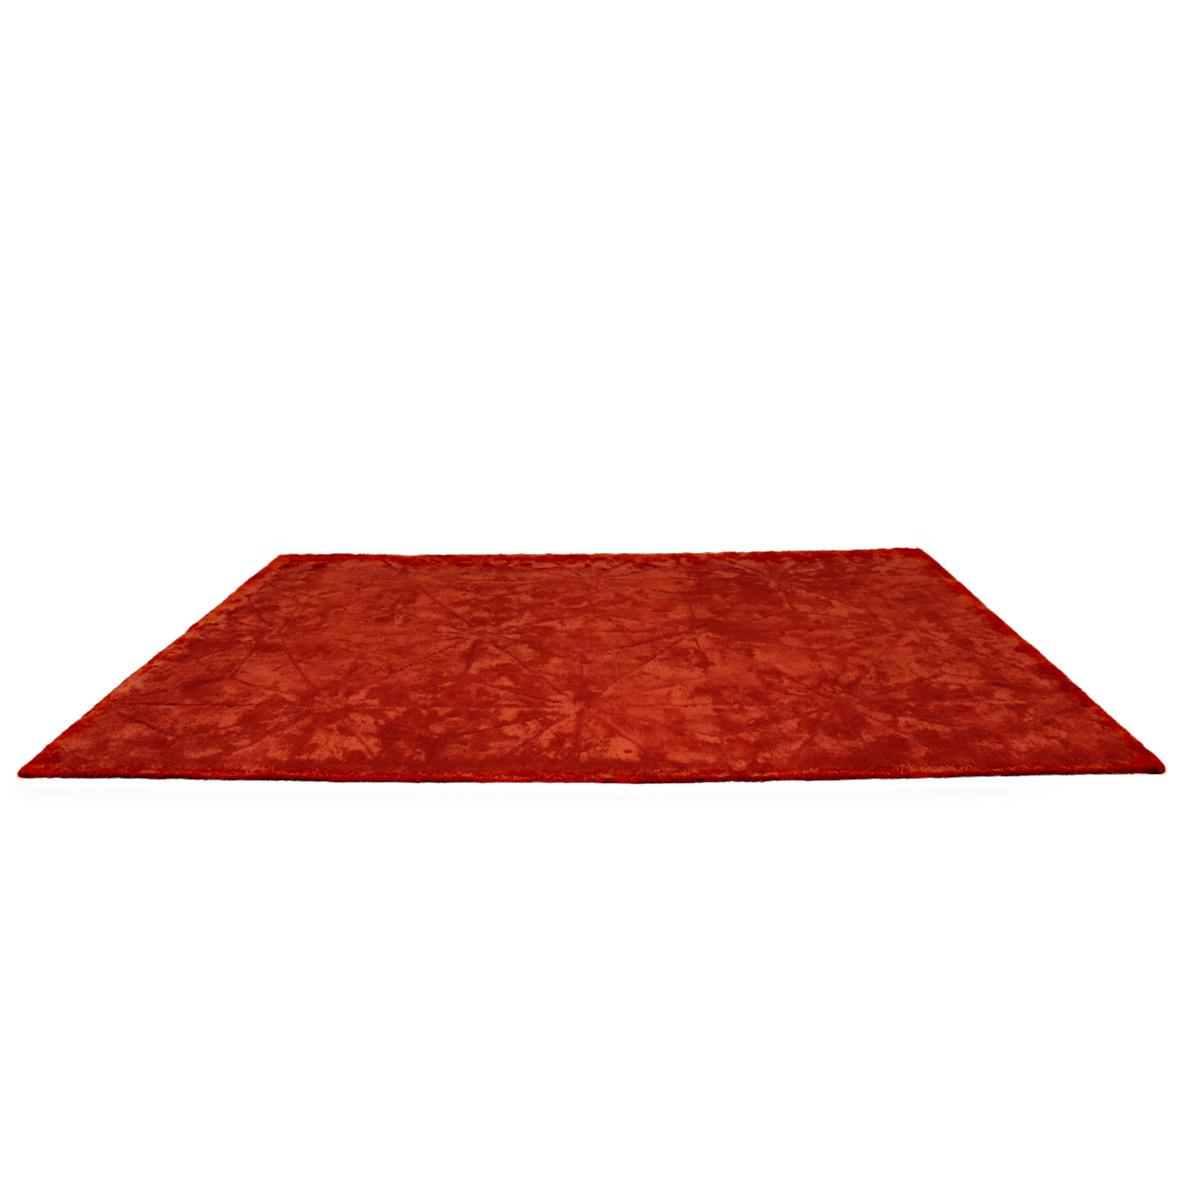 Handtuftteppich Tschaikowsky - Leinen - Schnurwolle - orangerot - 240 x 170 cm